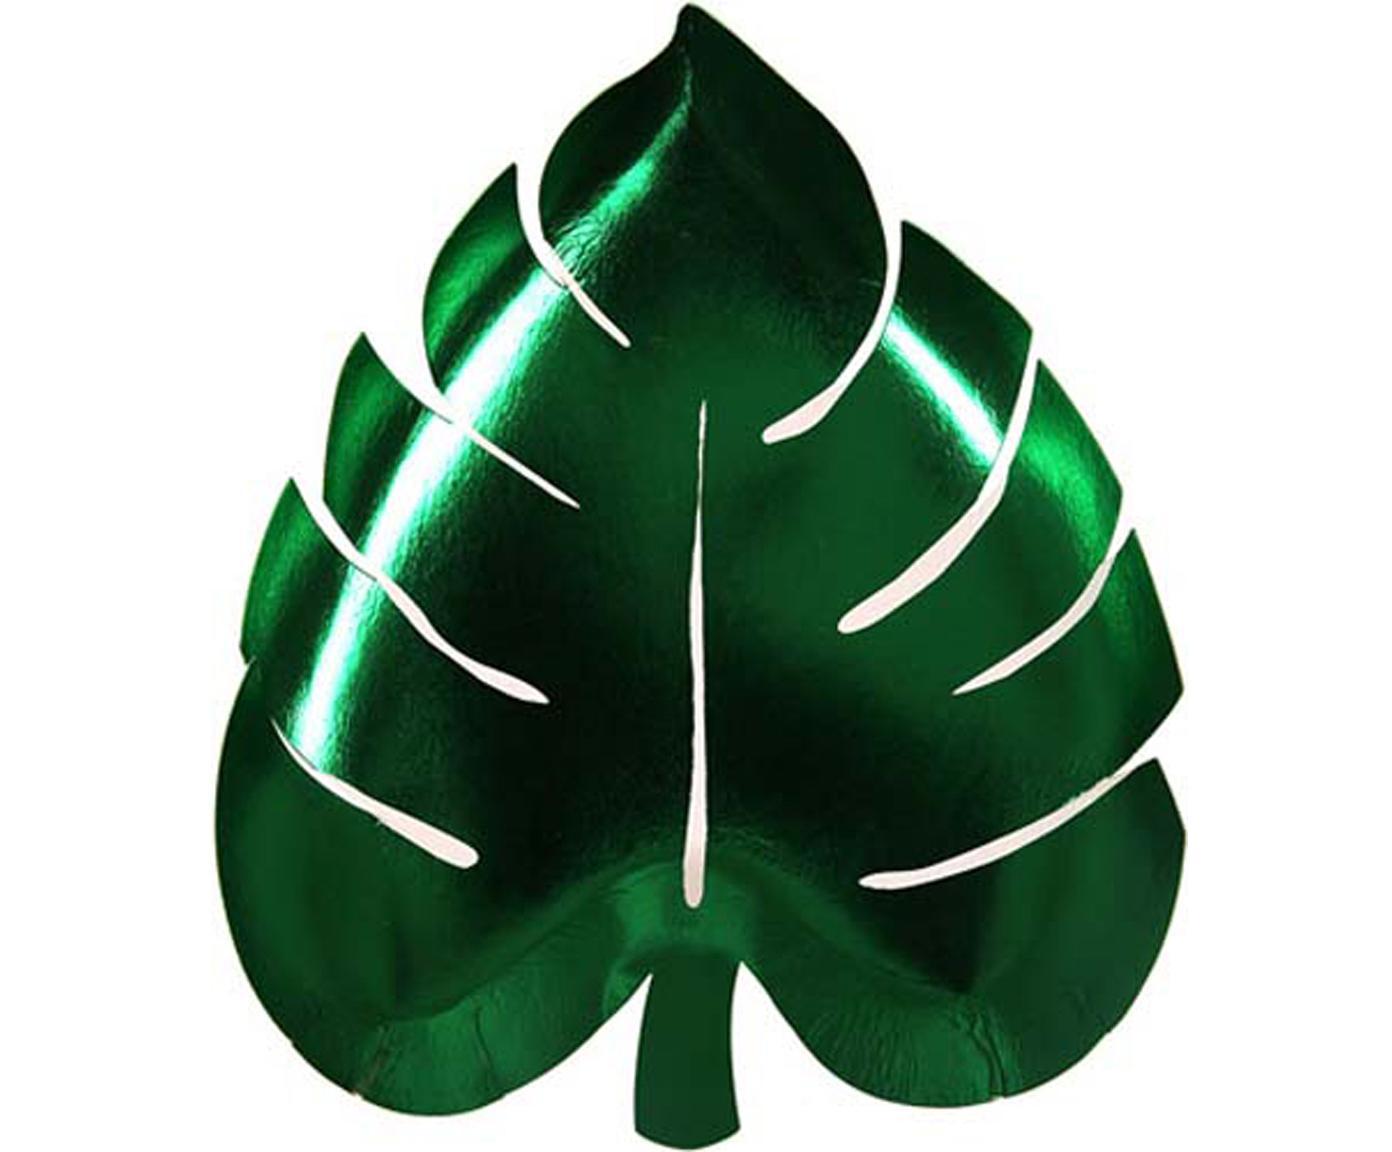 Piatto di carta Palm Leaf, 8 pz., Carta, sventato, Verde, Larg. 23 x Prof. 19 cm